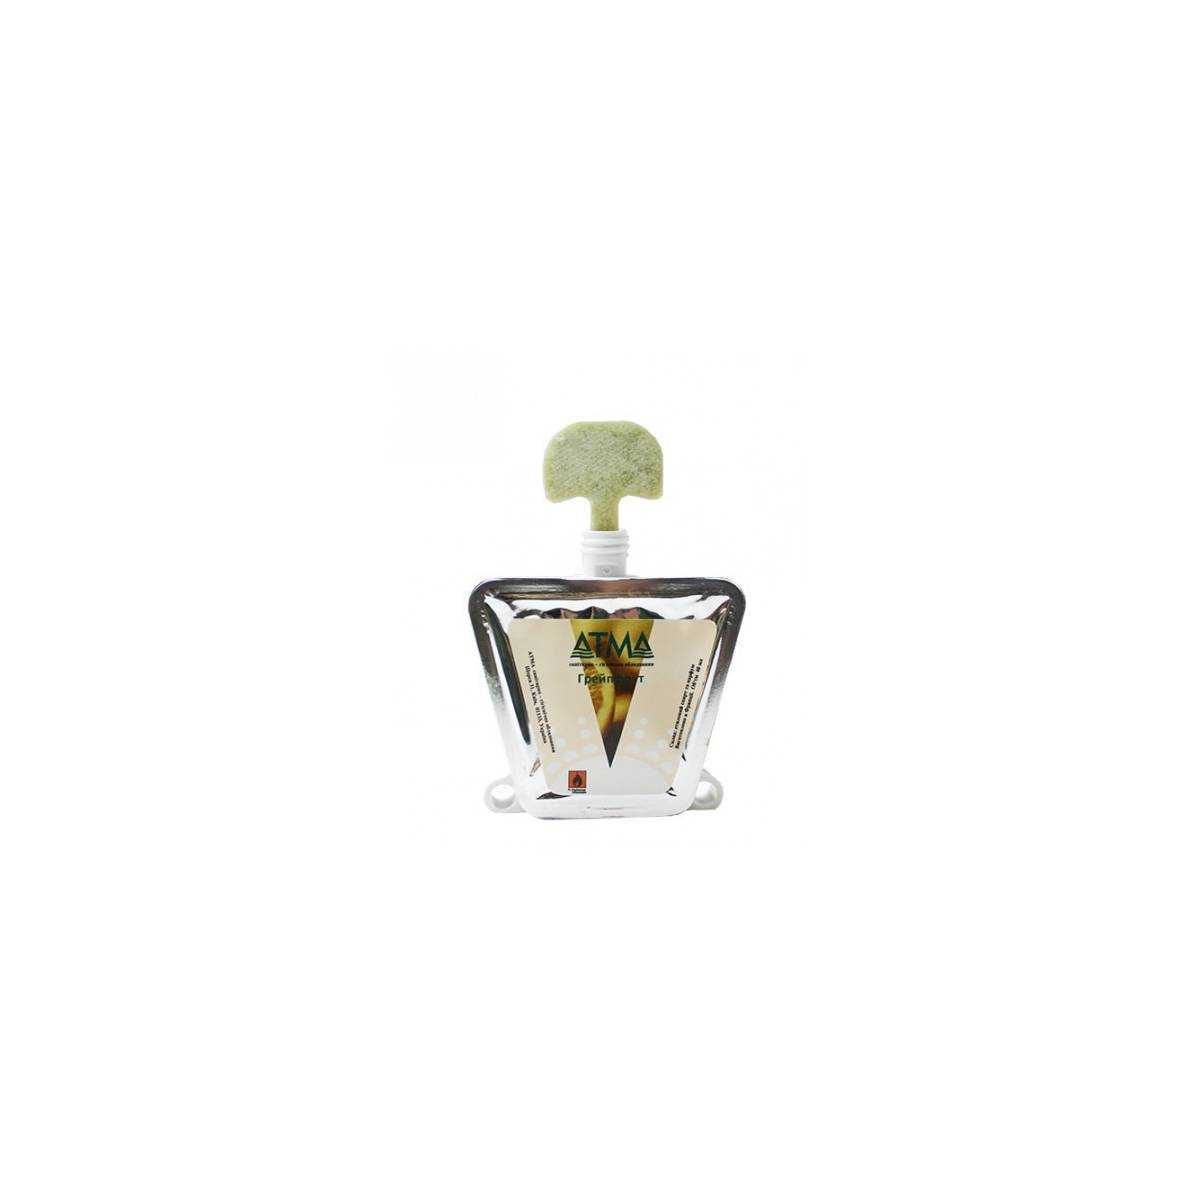 Освежитель во флаконе 40мл (Грейпфрут) Грейпфрут Prodifa